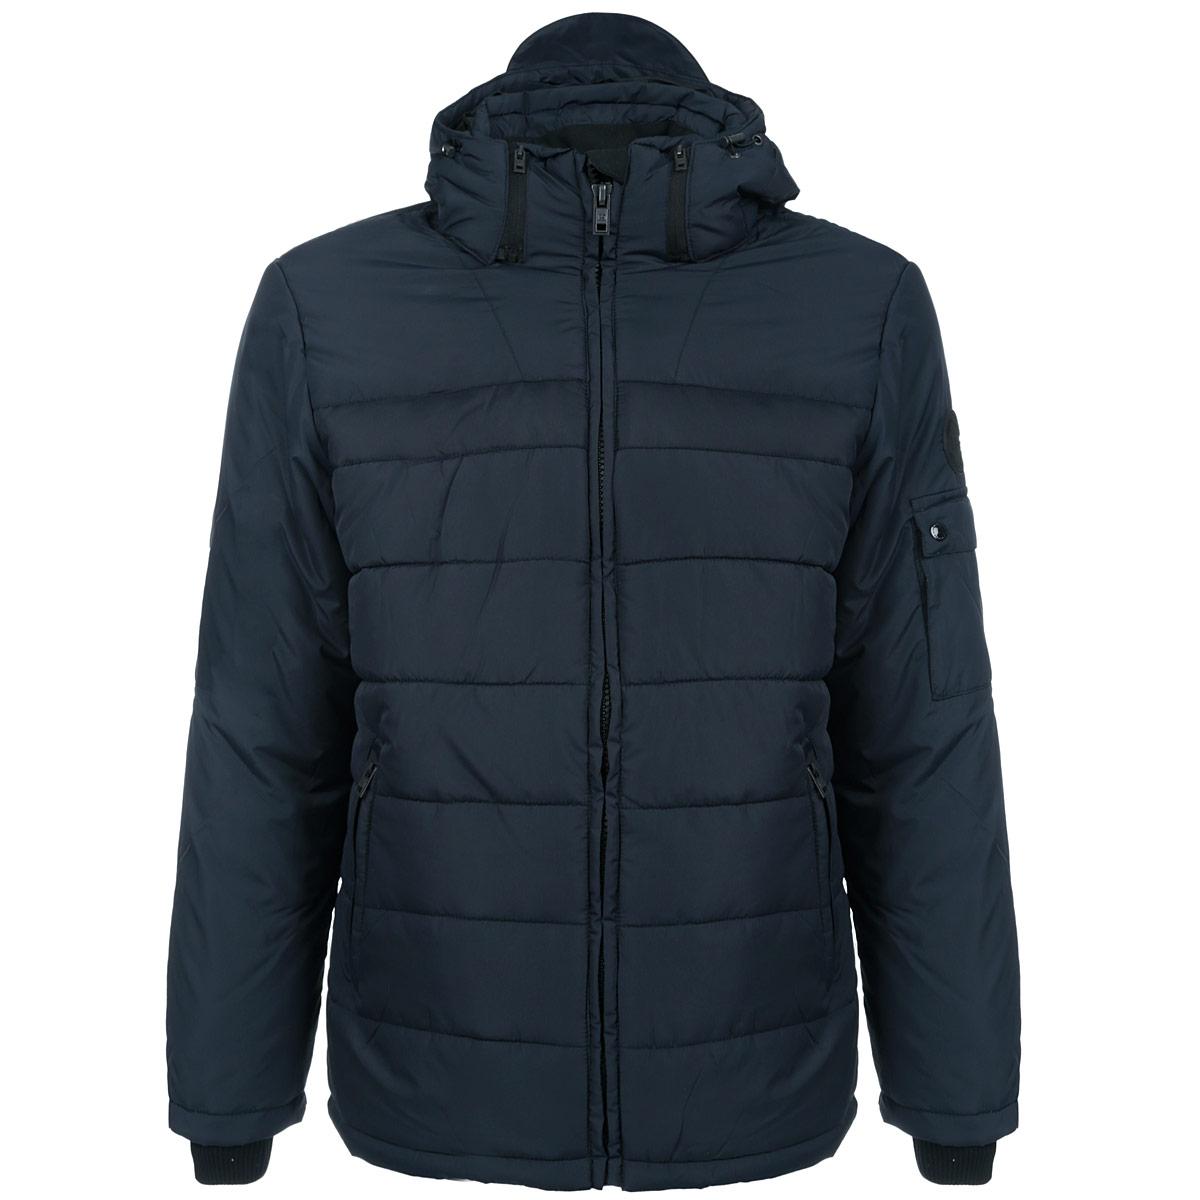 Куртка мужская F5, цвет: темно-синий. 06842. Размер XL (52)06842Стильная мужская куртка F5 - отличное решение для прохладной погоды. Куртка выполнена из непромокаемого полиэстера с утеплителем Silk Floss и дополнена отстегивающимся капюшоном на эластичной кулиске. Капюшон спереди имеет небольшой козырек. Модель прямого кроя с воротником-стойкой застегивается на пластиковую молнию с защитой подбородка. Спереди куртка дополнена двумя втачными карманами на молниях. С внутренней стороны предусмотрено два накладных сетчатых кармана и вшитый карман на молнии. Рукава дополнены вшитыми трикотажными манжетами и регулирующими ширину хлястиками на липучках. На левом рукаве расположен дополнительный карман с клапаном на кнопках. По нижнему краю с изнаночной стороны расположена эластичная кулиска, защищающая от продувания. В такой куртке вам будет уютно, тепло и комфортно в любую погоду.